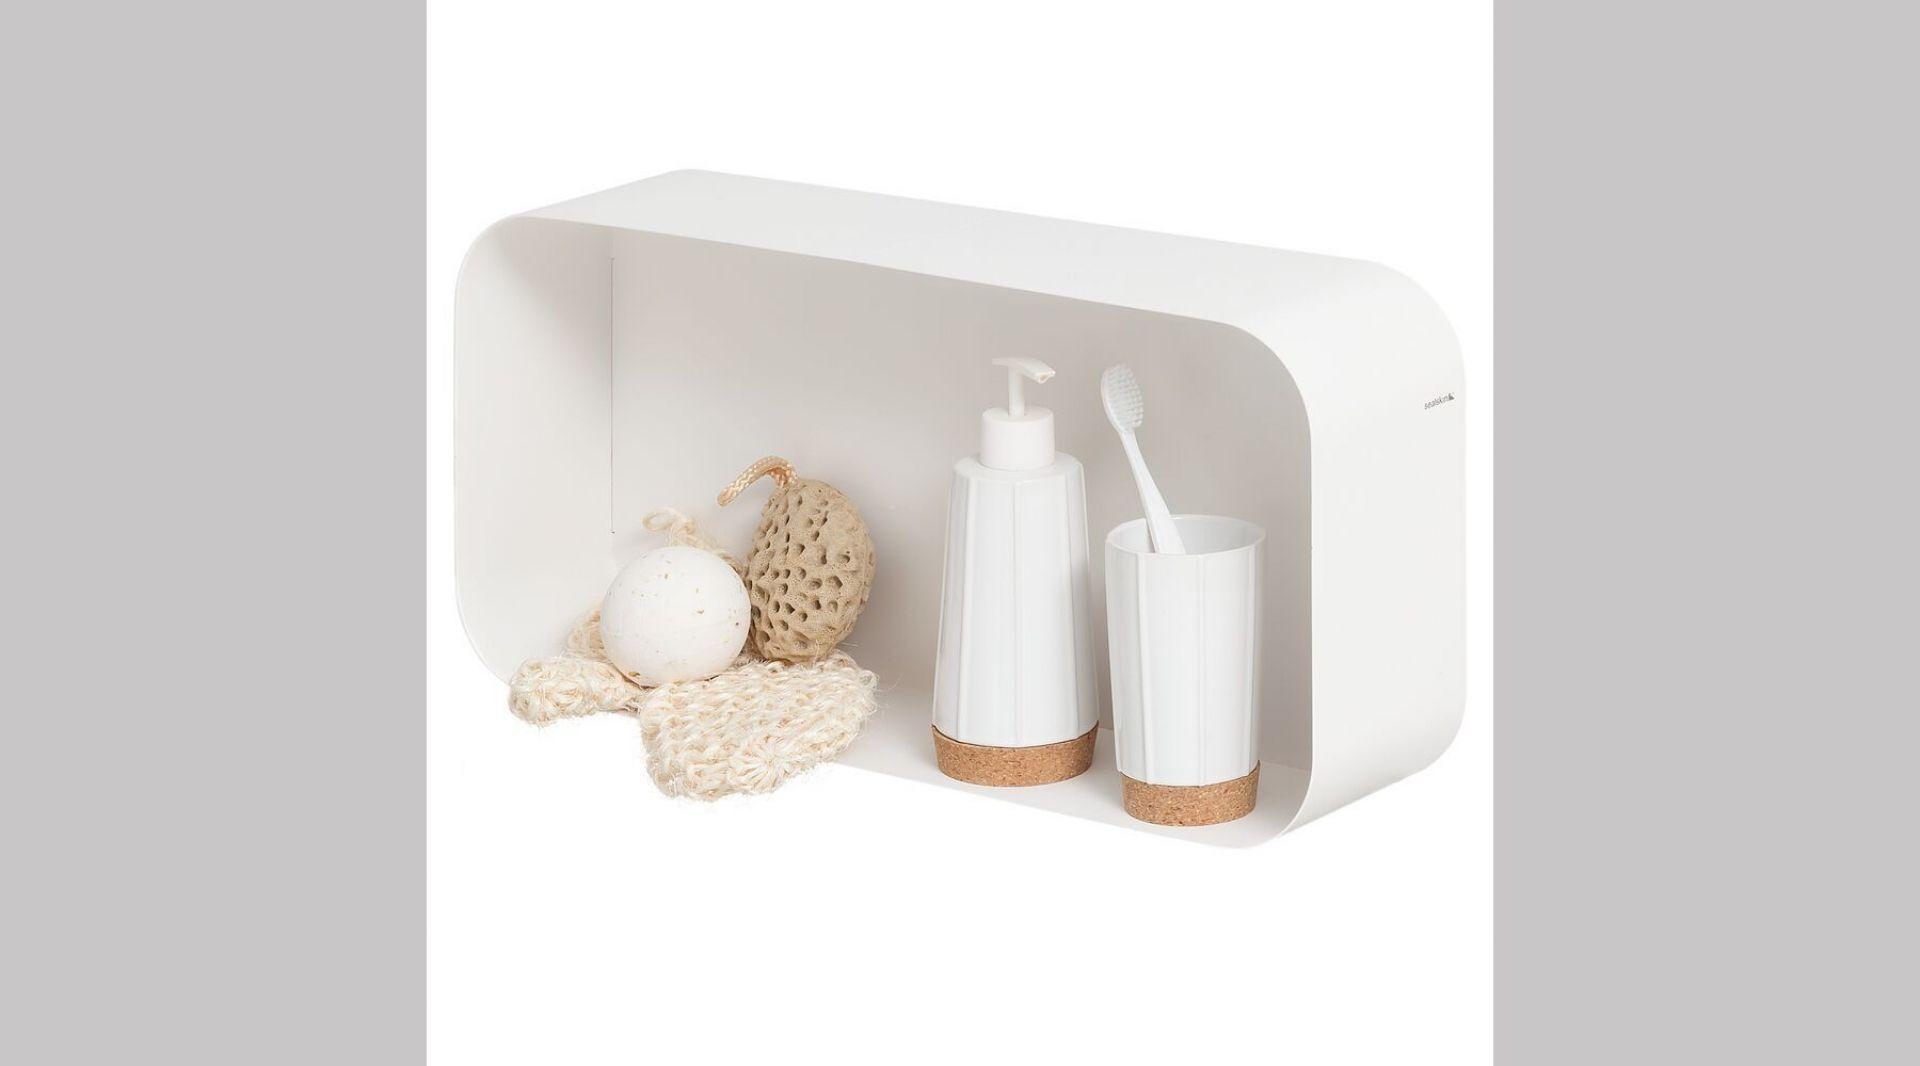 Linia akcesoriów z serii Sealskin Cork. Dozownik na mydło w płynie ok. 35 zł, kubek na szczoteczki ok. 33 zł. Fot. Coram DIY